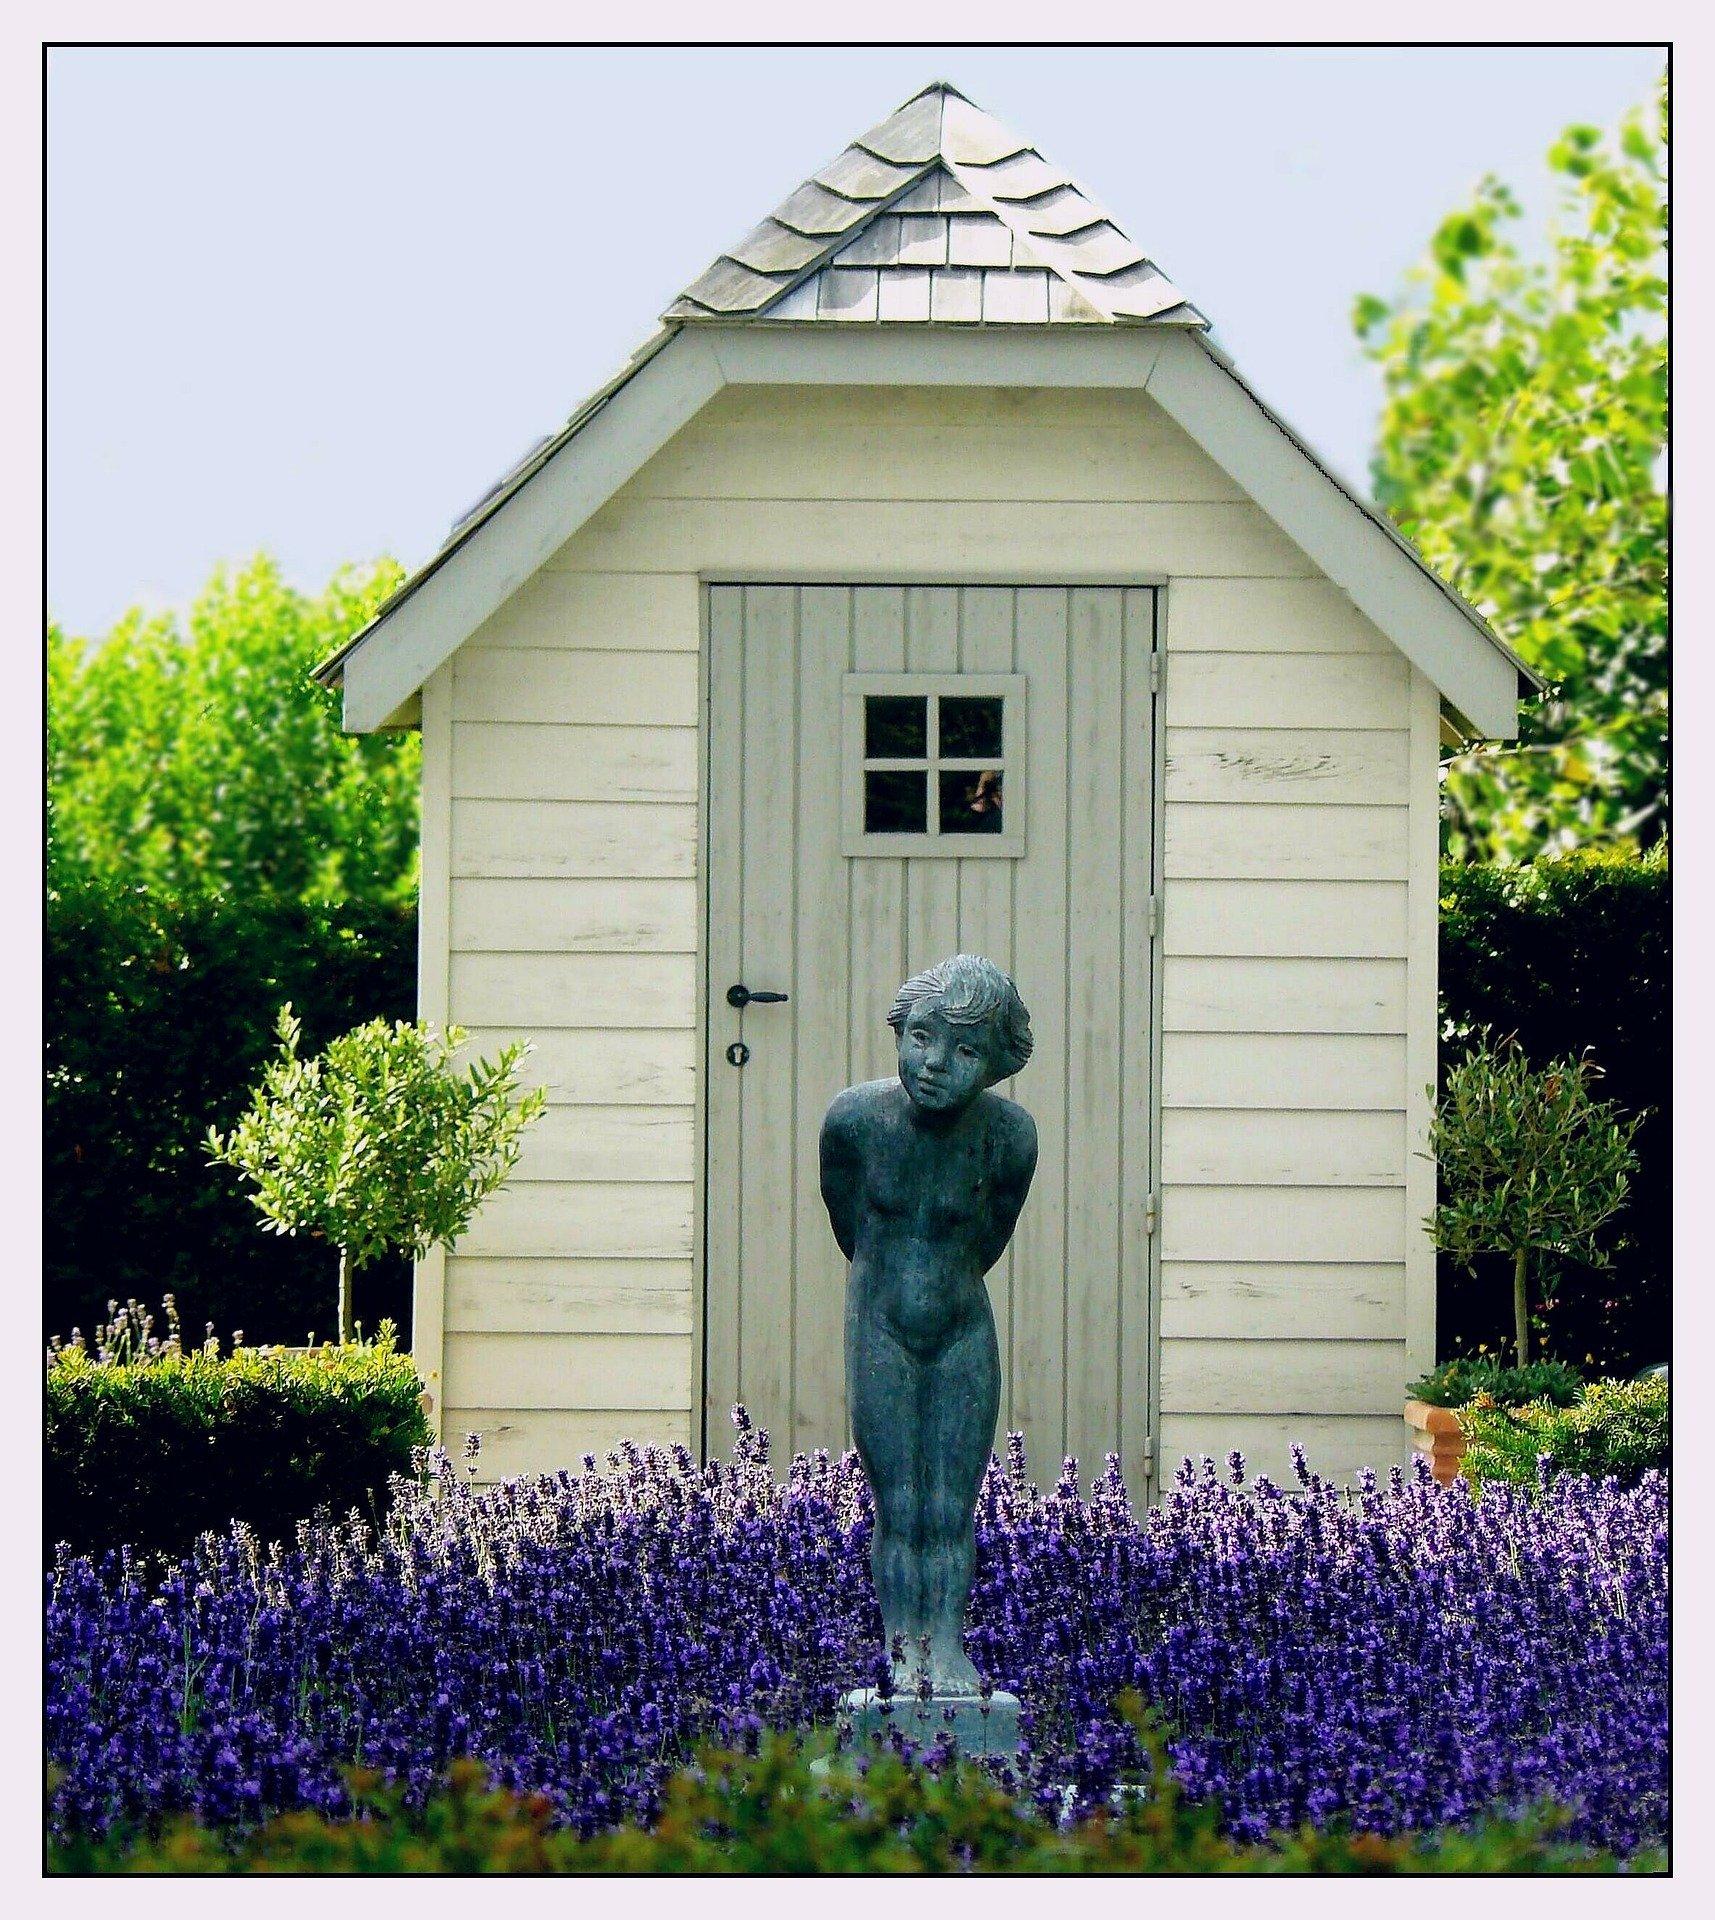 Gartenhaus mit Figur